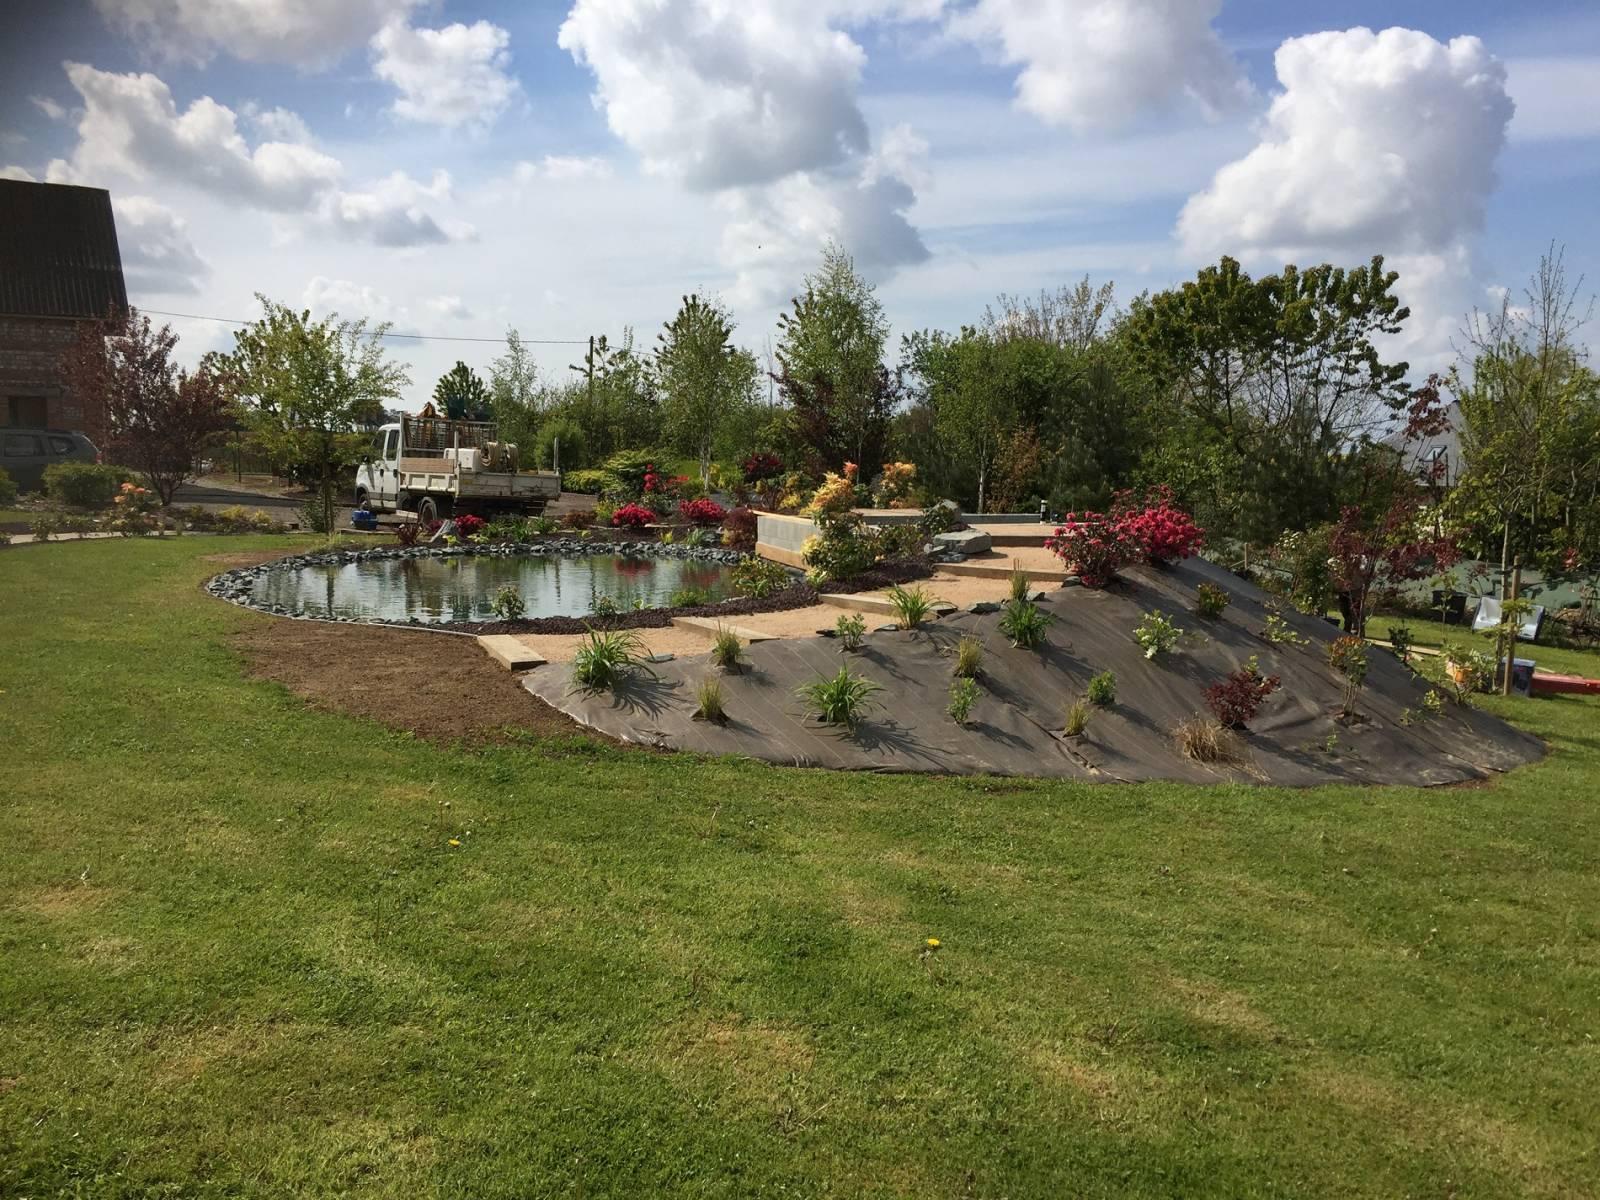 entreprise d'espace vert pour l'aménagement d'un bassin de jardin